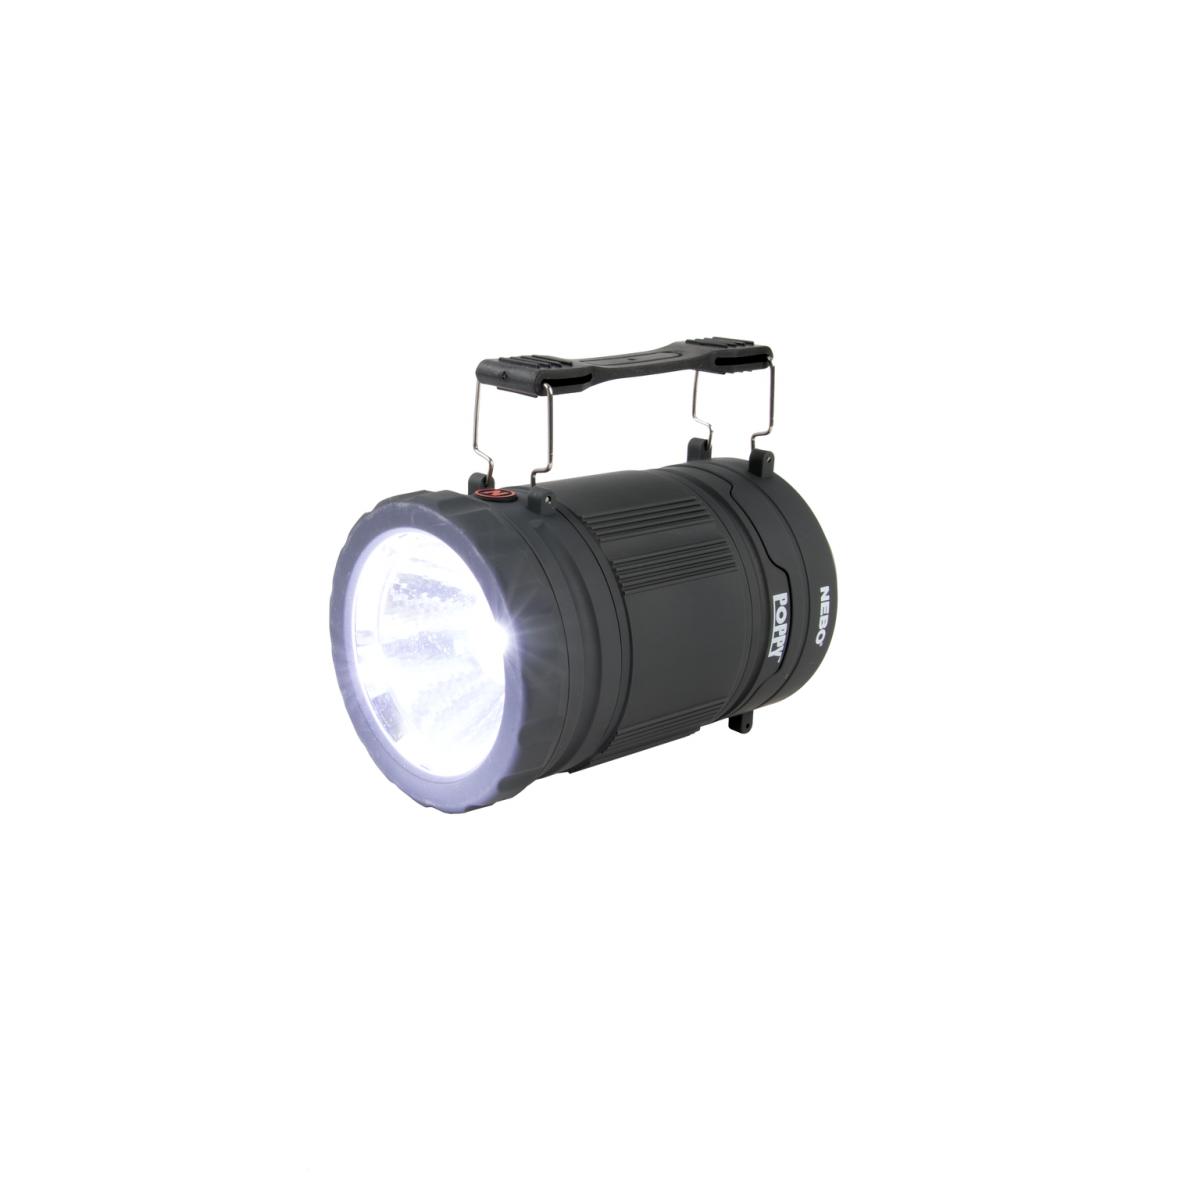 đèn pin cầm tay siêu sáng Nebo